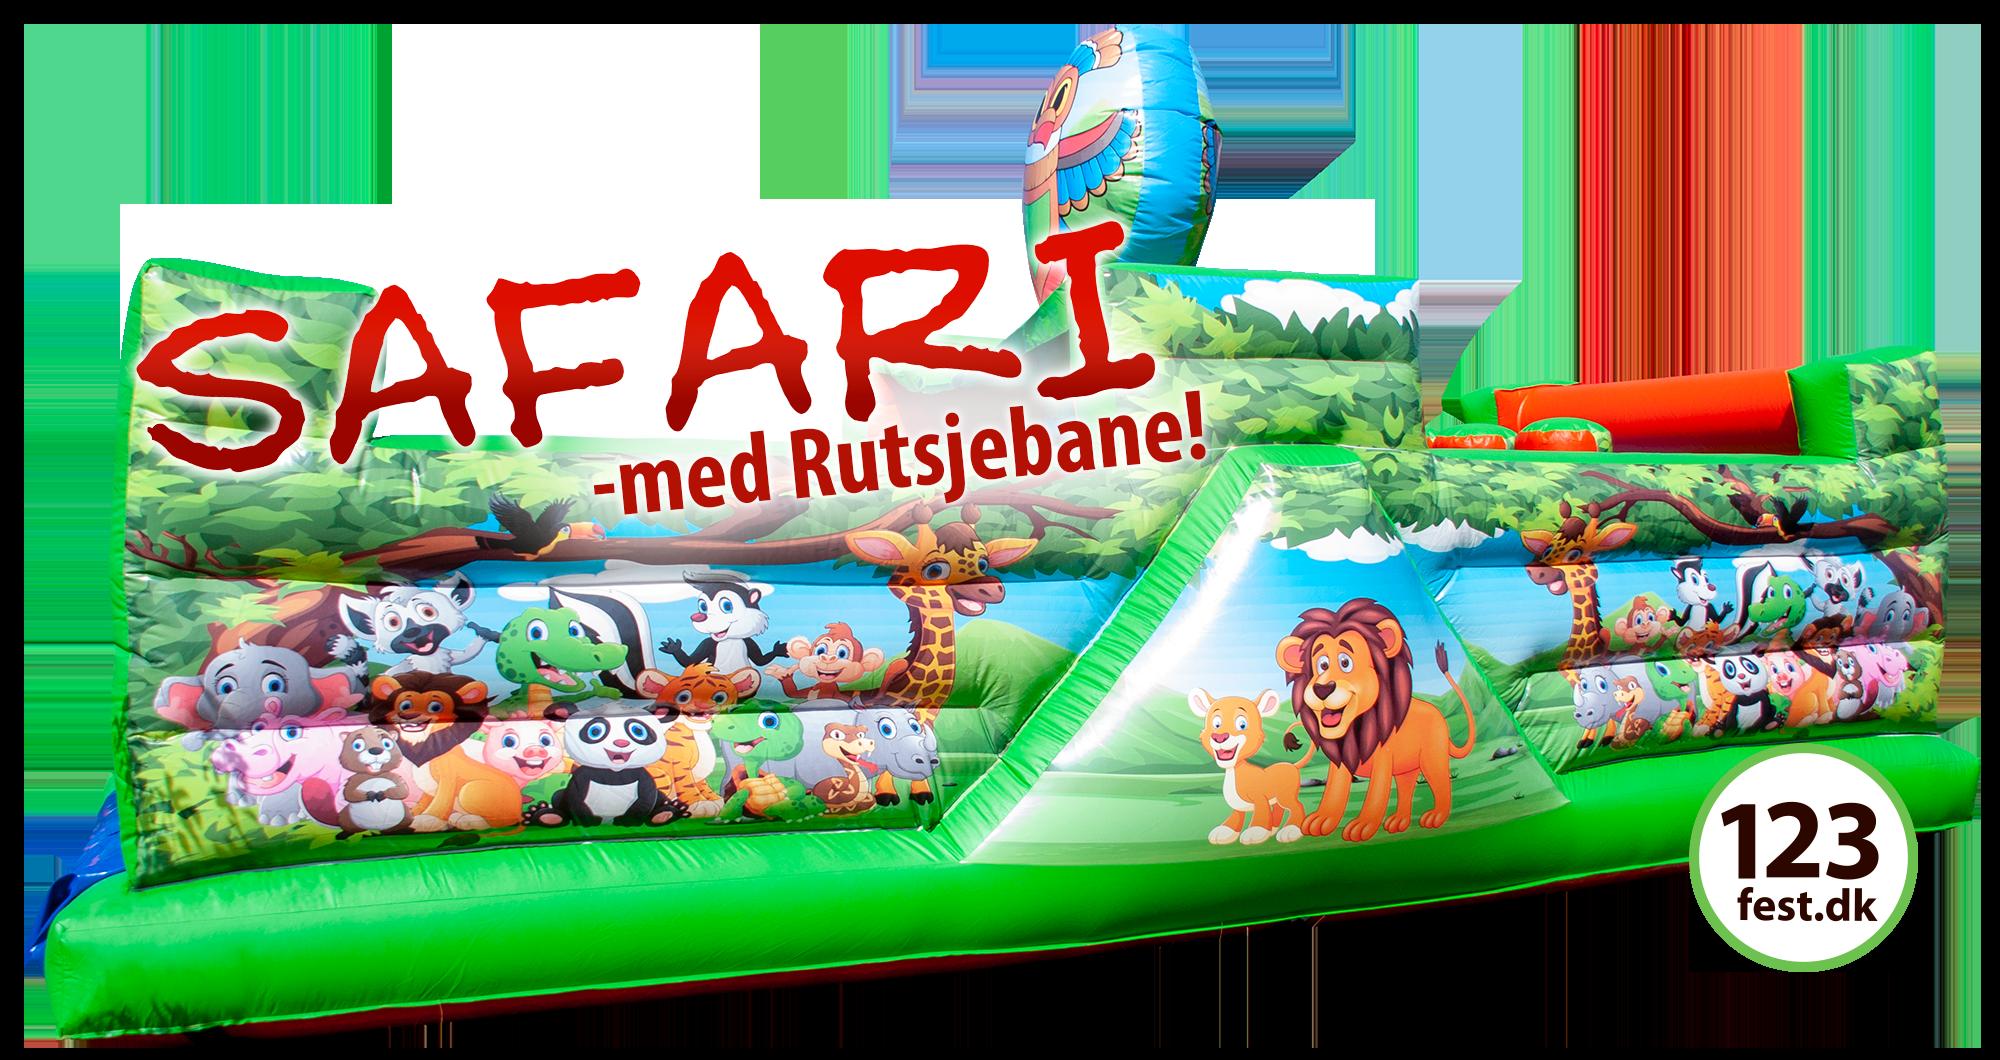 safari hoppeborg med rutsjebane